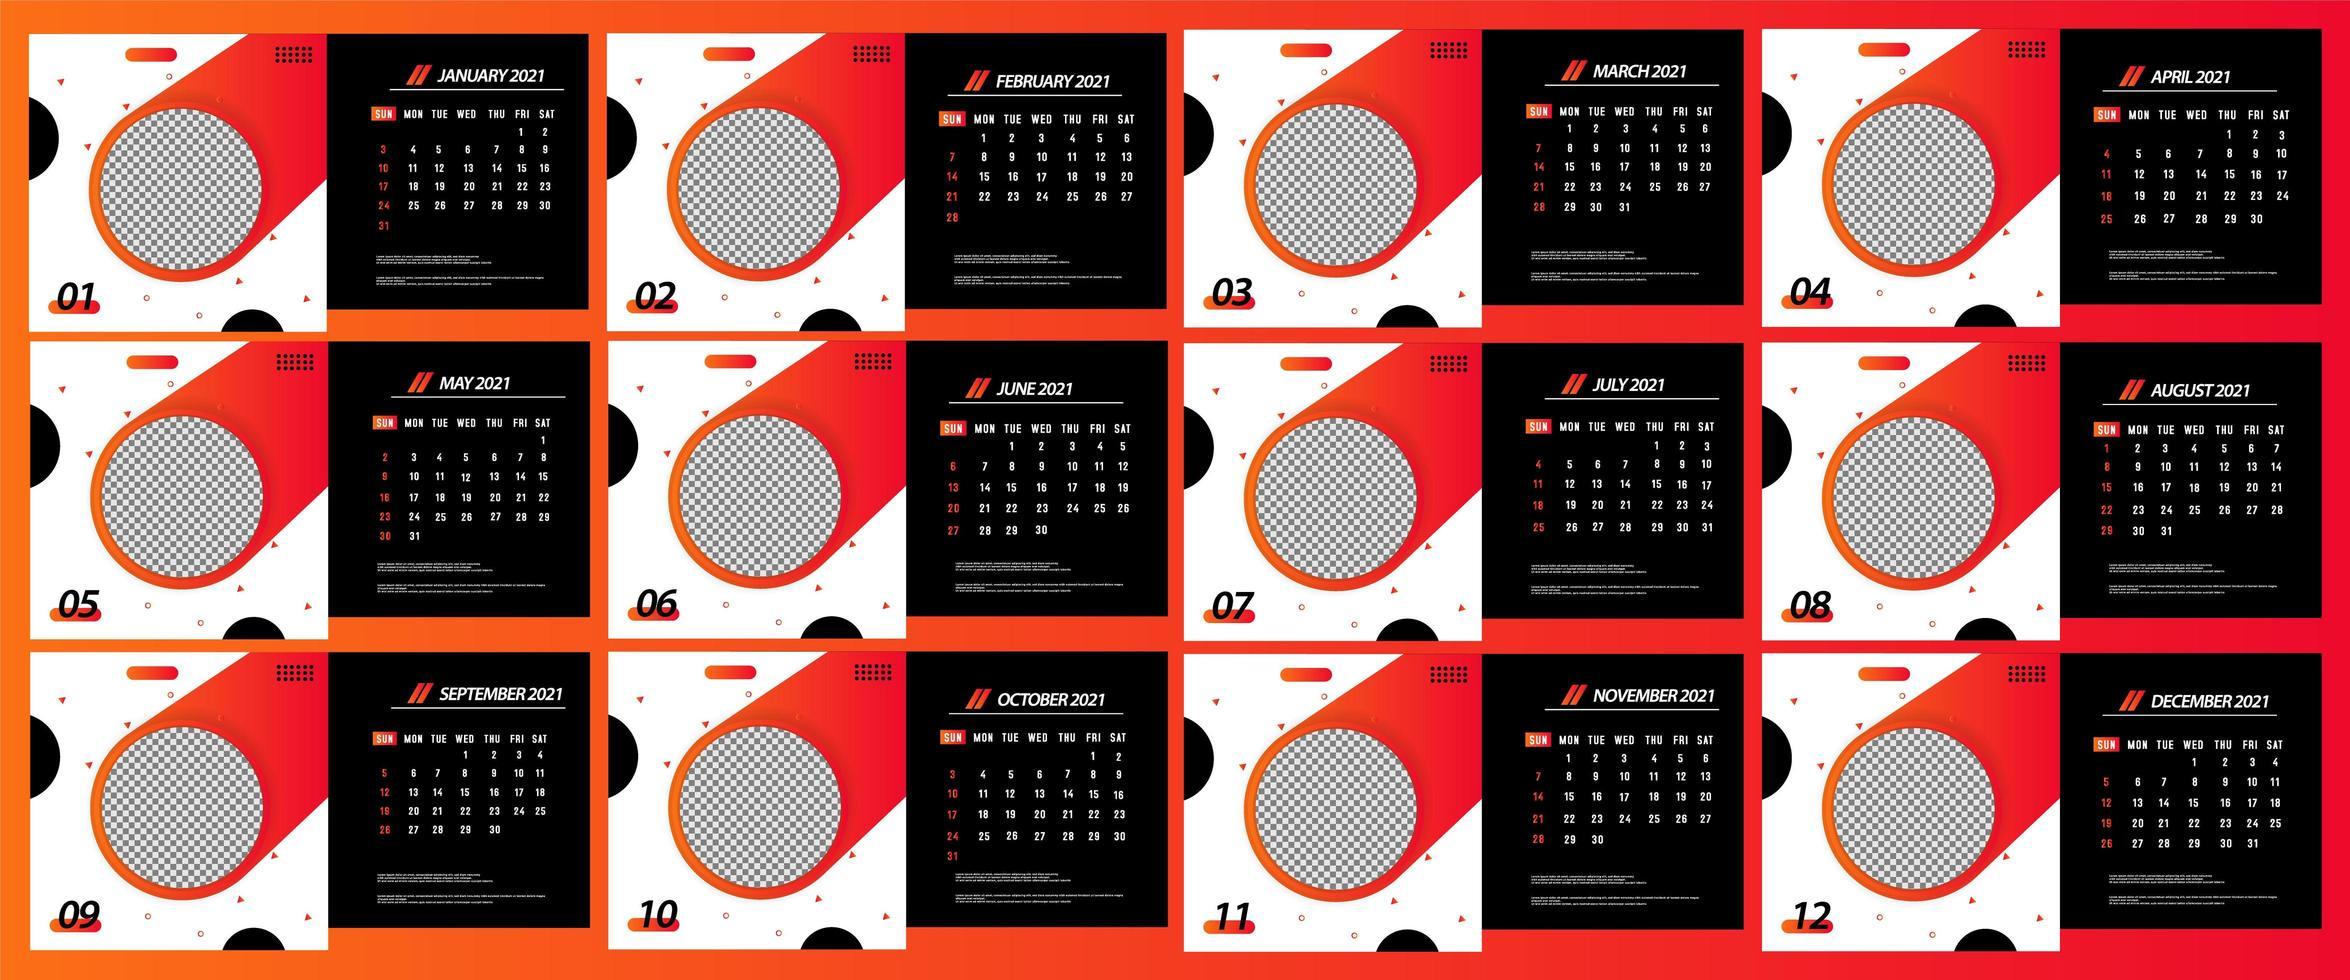 calendario da tavolo 2021 modello di cerchio che scorre   Scarica